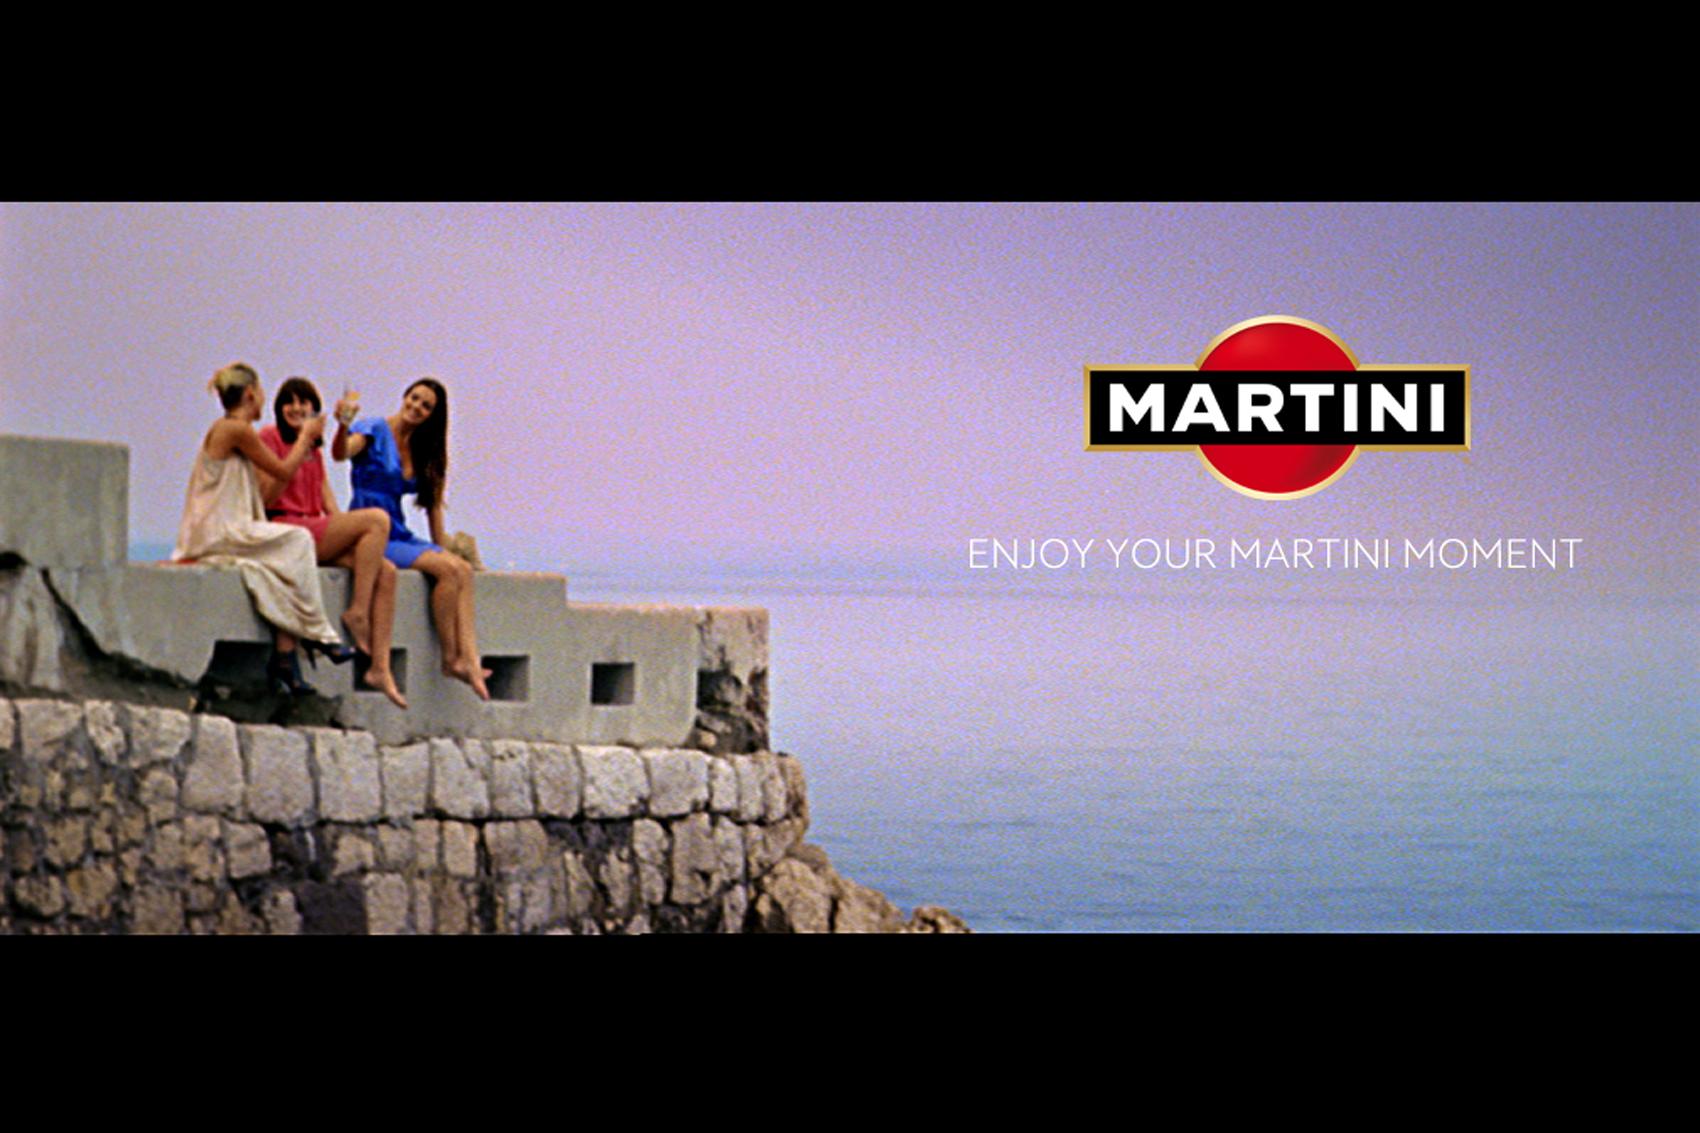 Martini Moments campaign